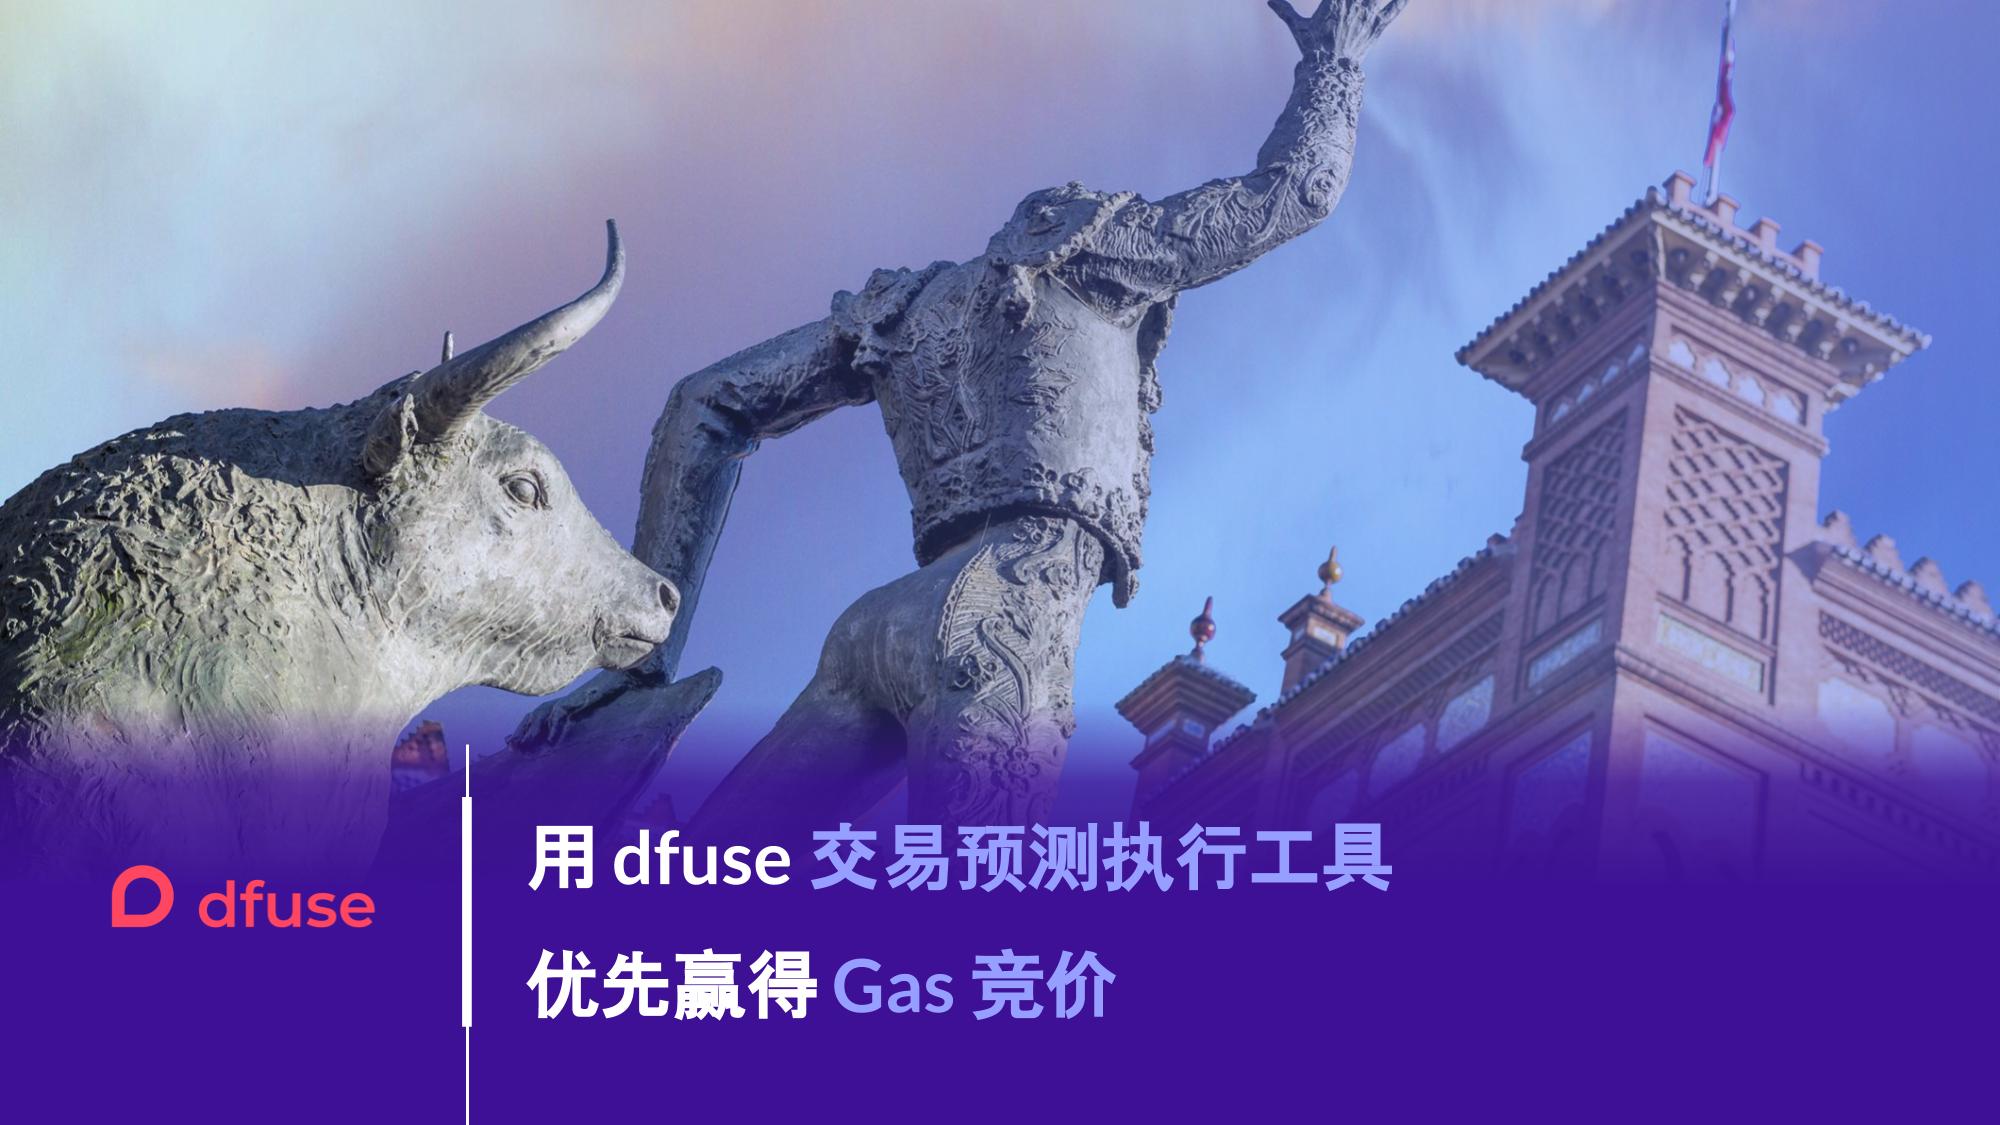 用 dfuse 交易预测执行工具优先赢得 Gas 竞价